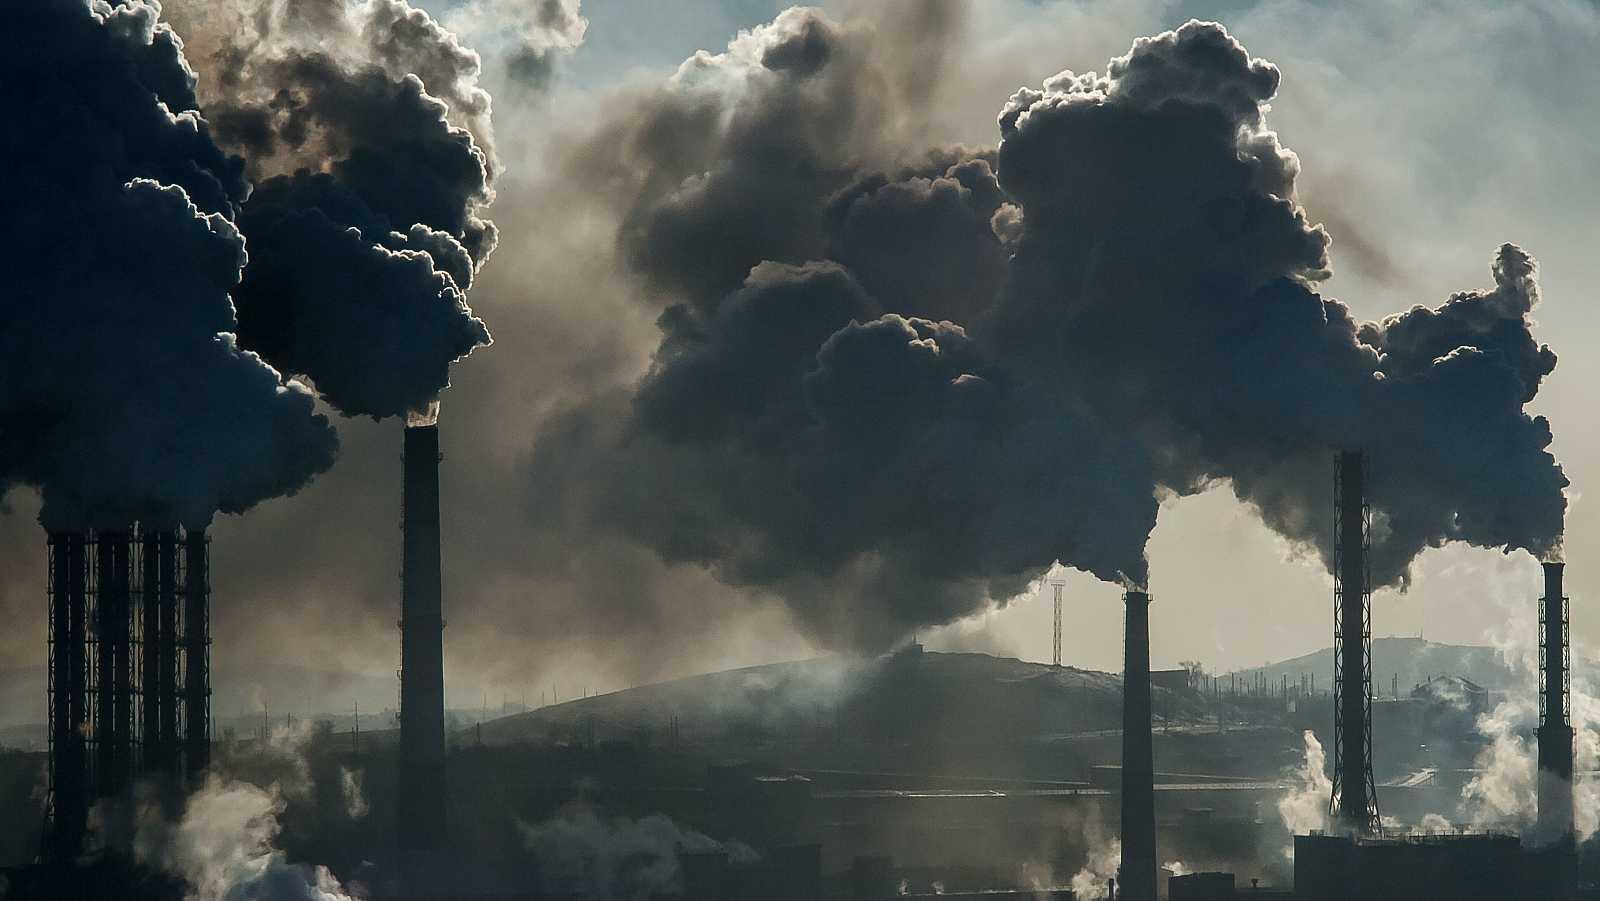 La ONU y el Reino Unido reunirán el 12 de diciembre a líderes internacionales para abordar el cambio climático.